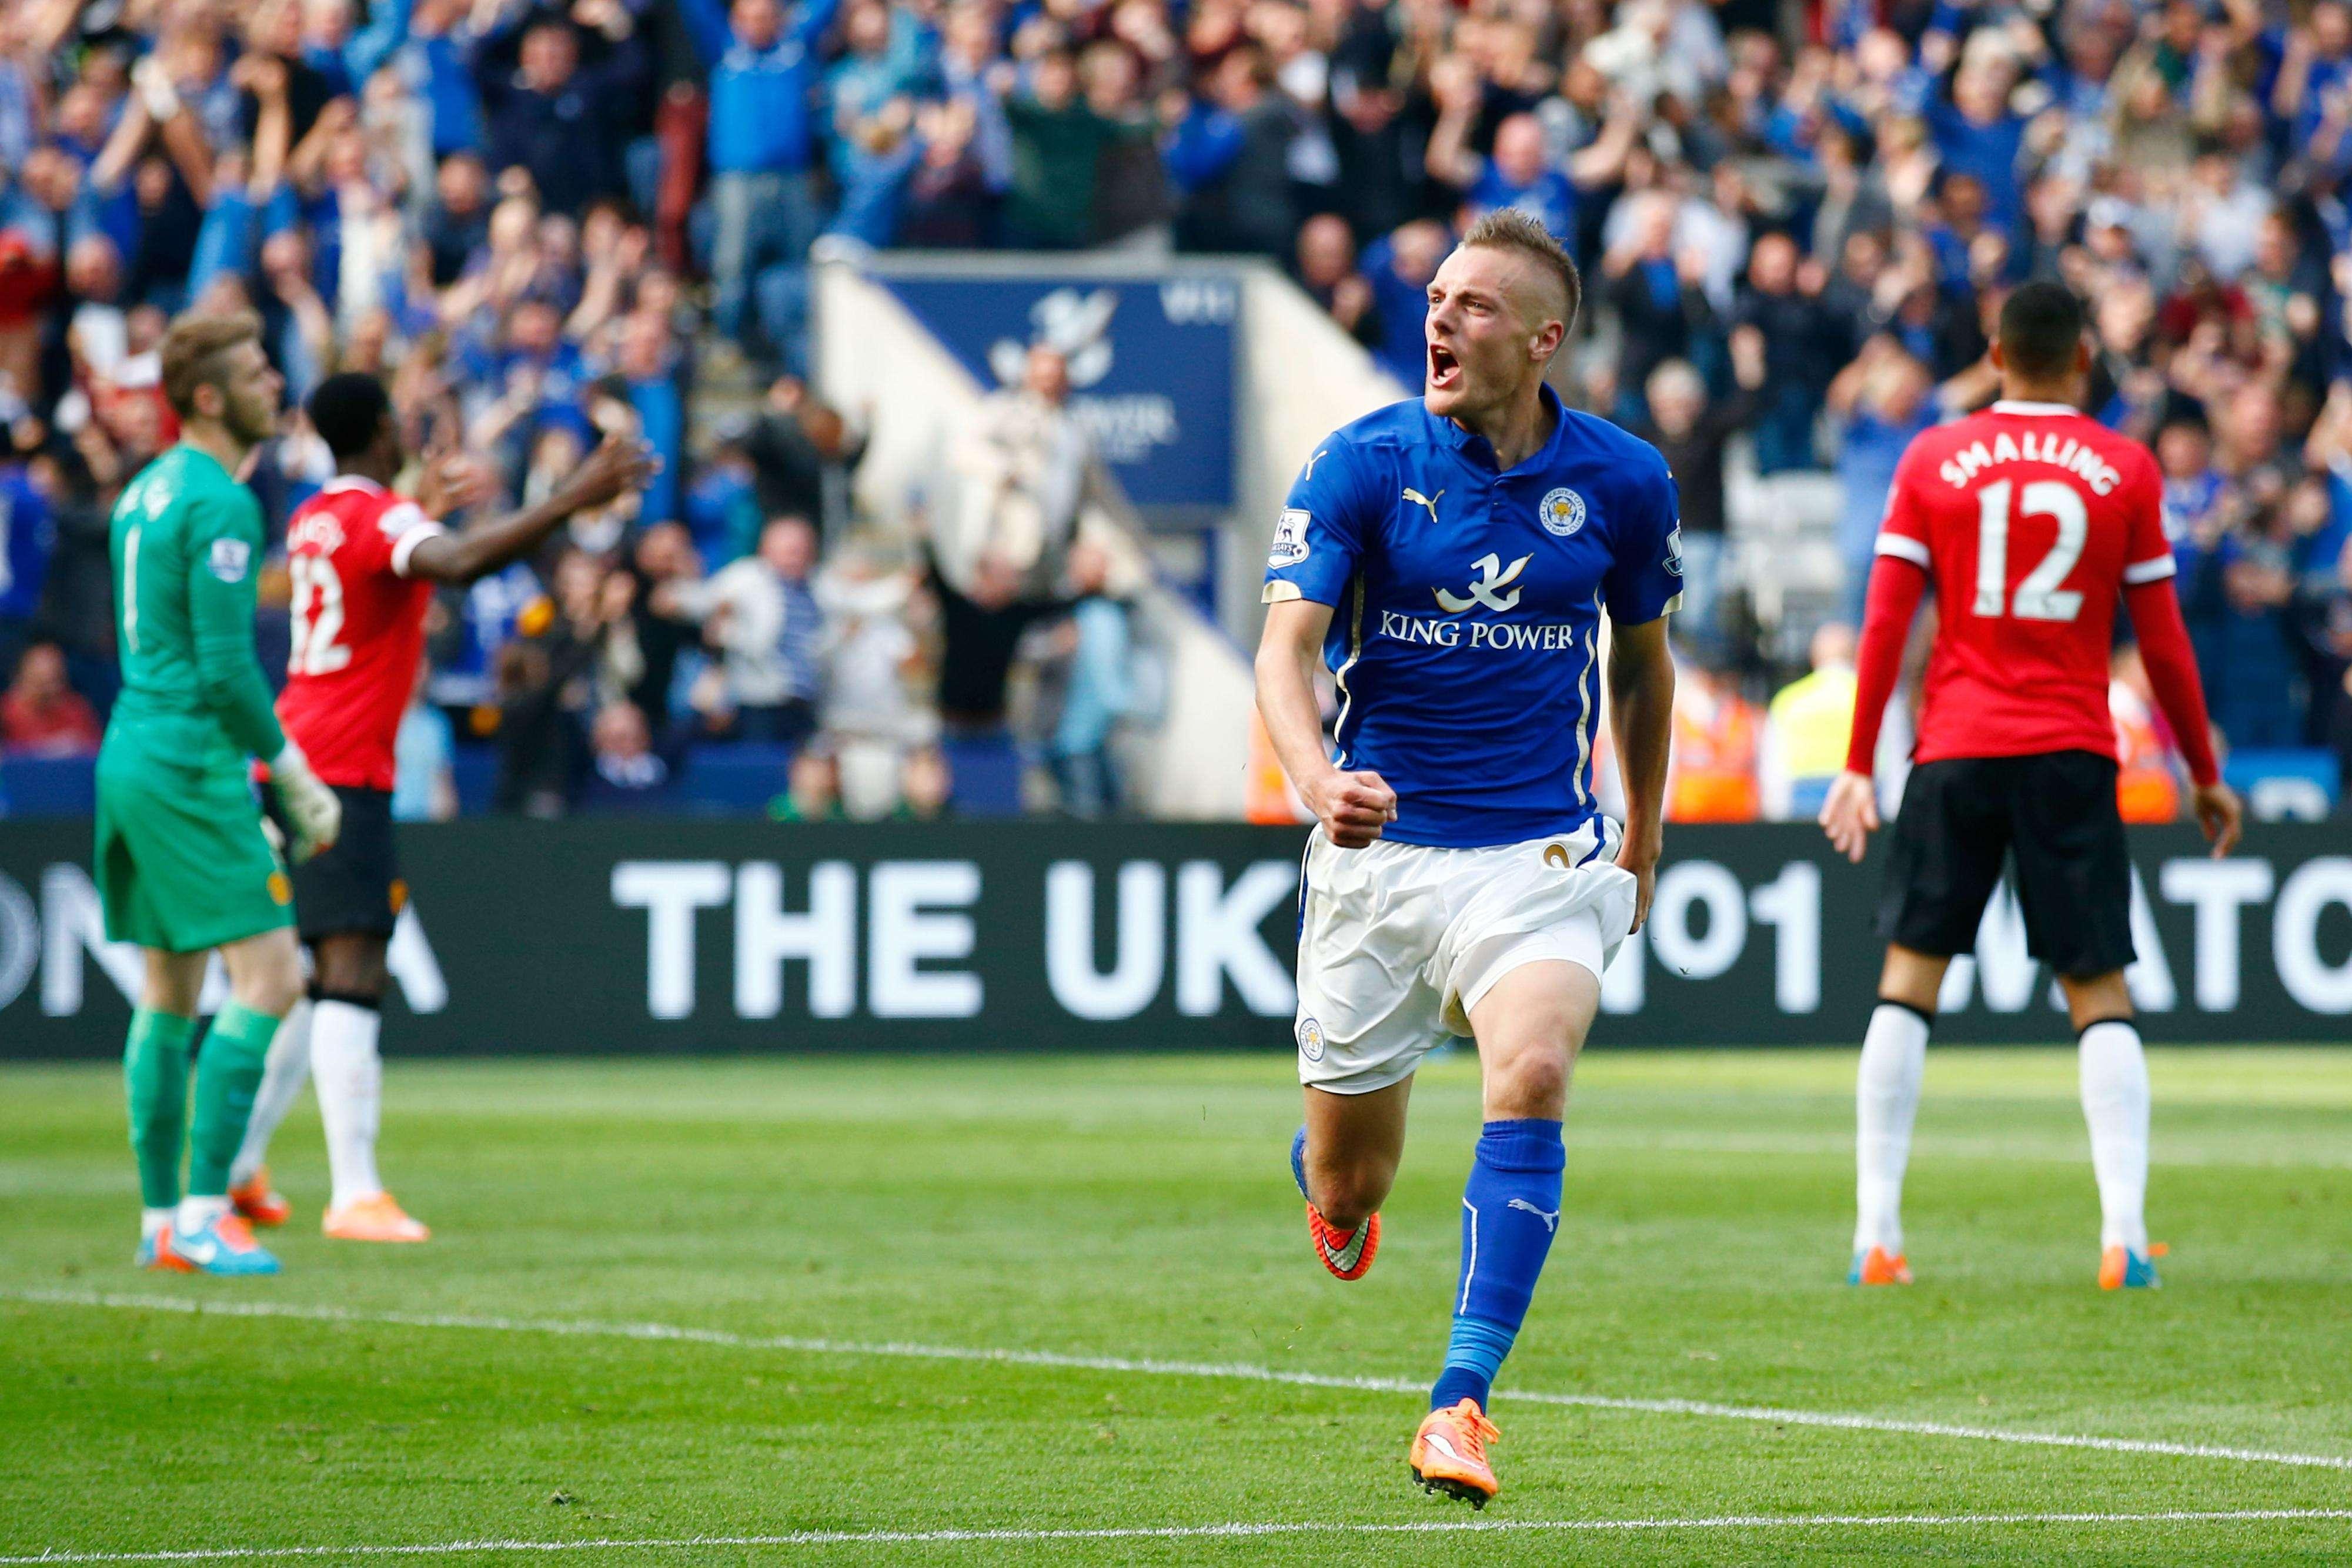 Jamie Vardy festeja el triunfo de su equipo. Foto: Getty Images